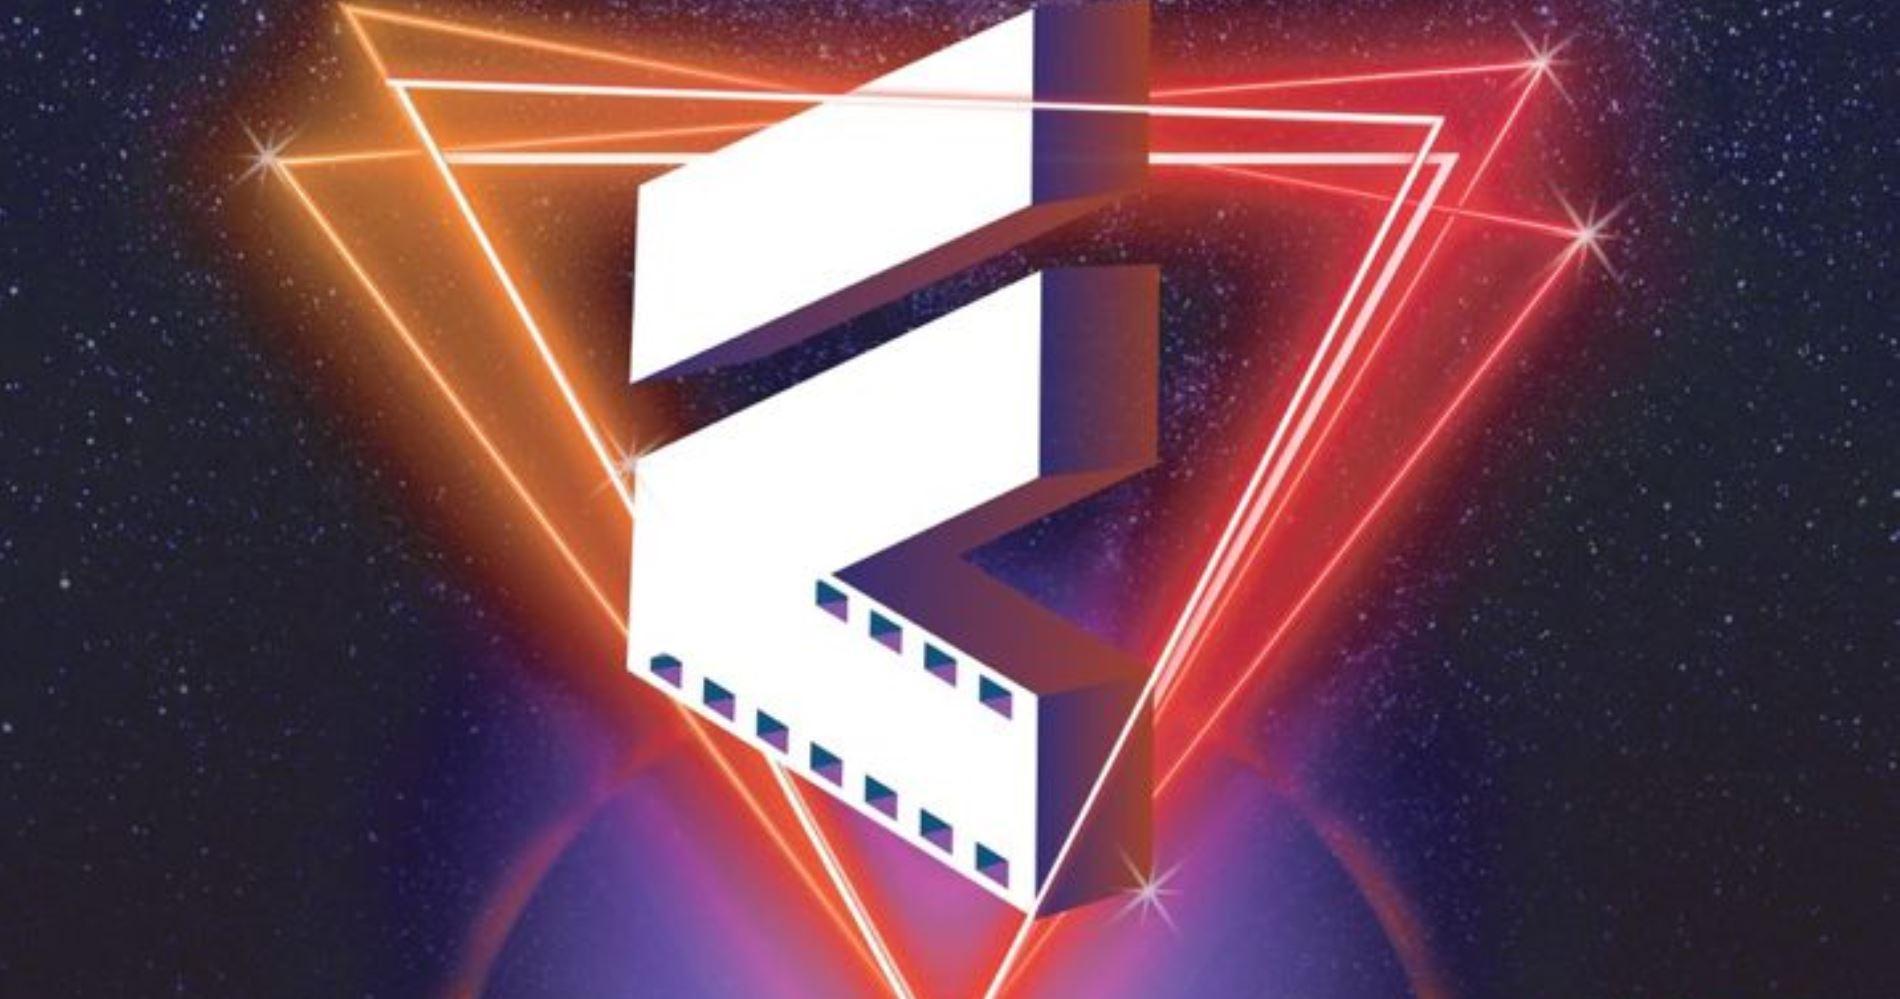 """<span class=""""entry-title-primary"""">FIGARI FILM – FEST 2021: Annunciati i titoli e gli ospiti della competizione</span> <span class=""""entry-subtitle"""">In Sardegna, a Olbia, dal 19 al 24 giugno torna il Figari Film Fest, una delle principali vetrine internazionali dedicata al cinema breve.</span>"""